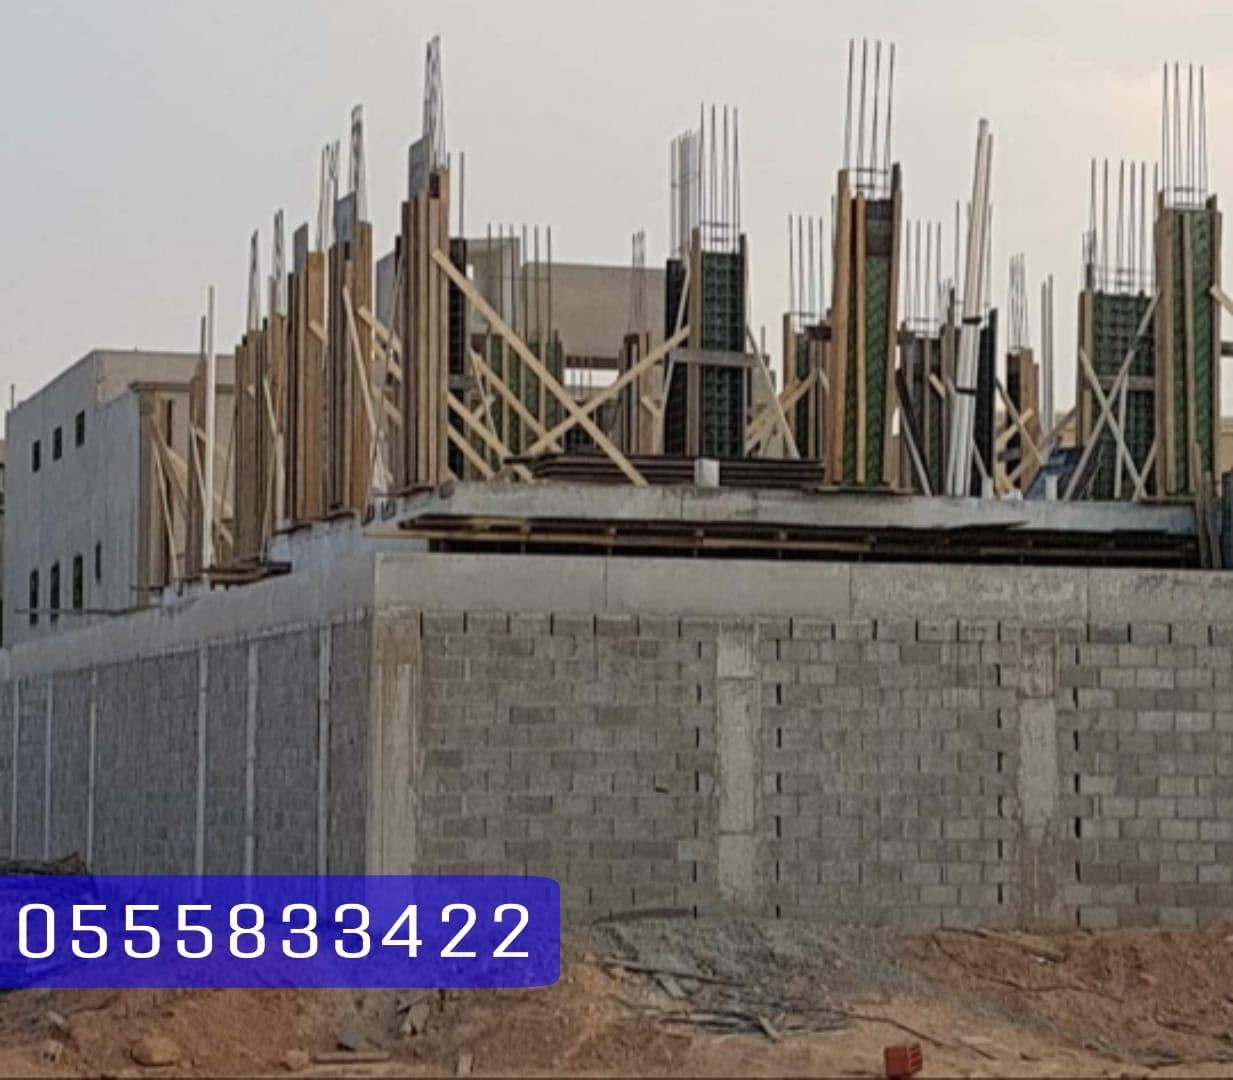 مقاول معماري بناء بالمواد عظم  , 0555833422 , , مقاول بناء في الخبر , مقاول ترميم وترميمات في الخبر P_16994z4fh8